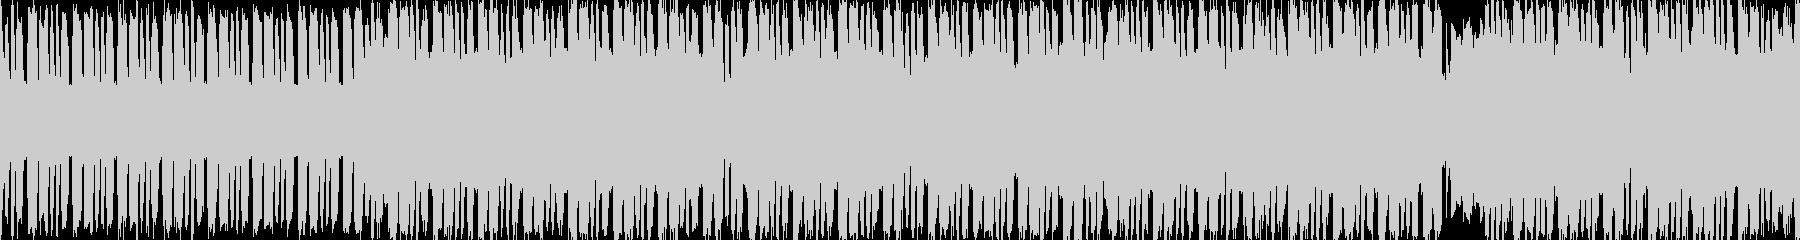 日常的なファミコンポップ【ループ素材】の未再生の波形